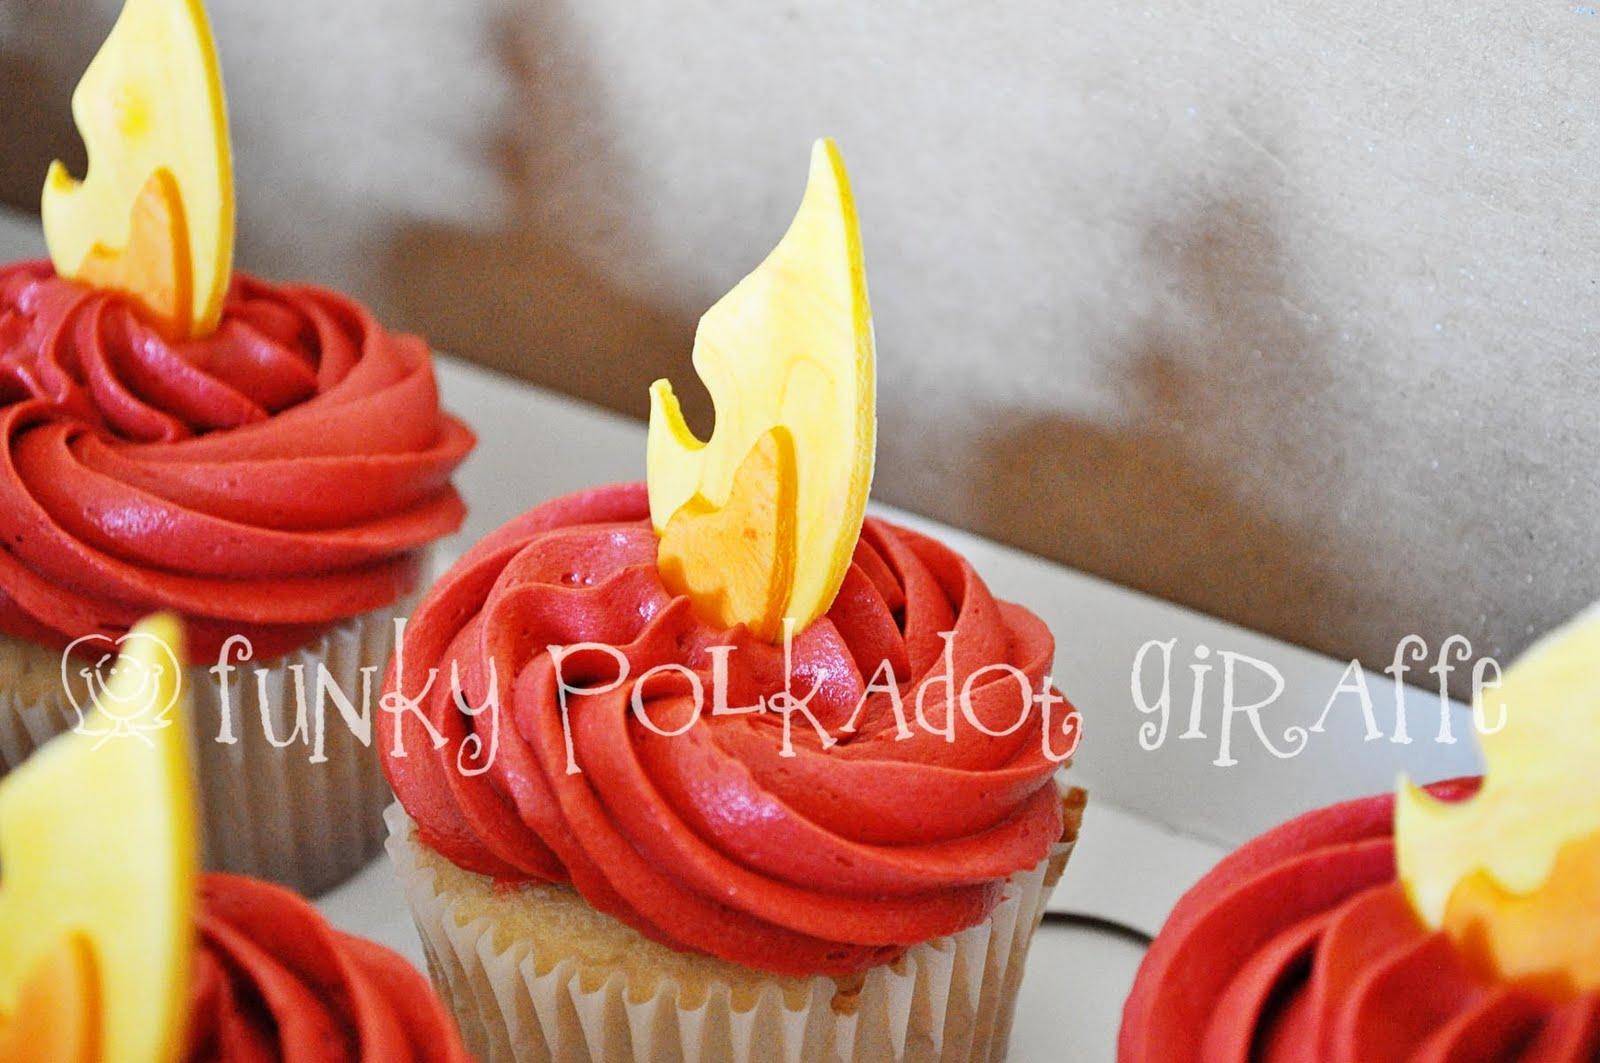 Funky Polkadot Giraffe Spunky Sponsor Spotlight Lady Cupcake S Corner